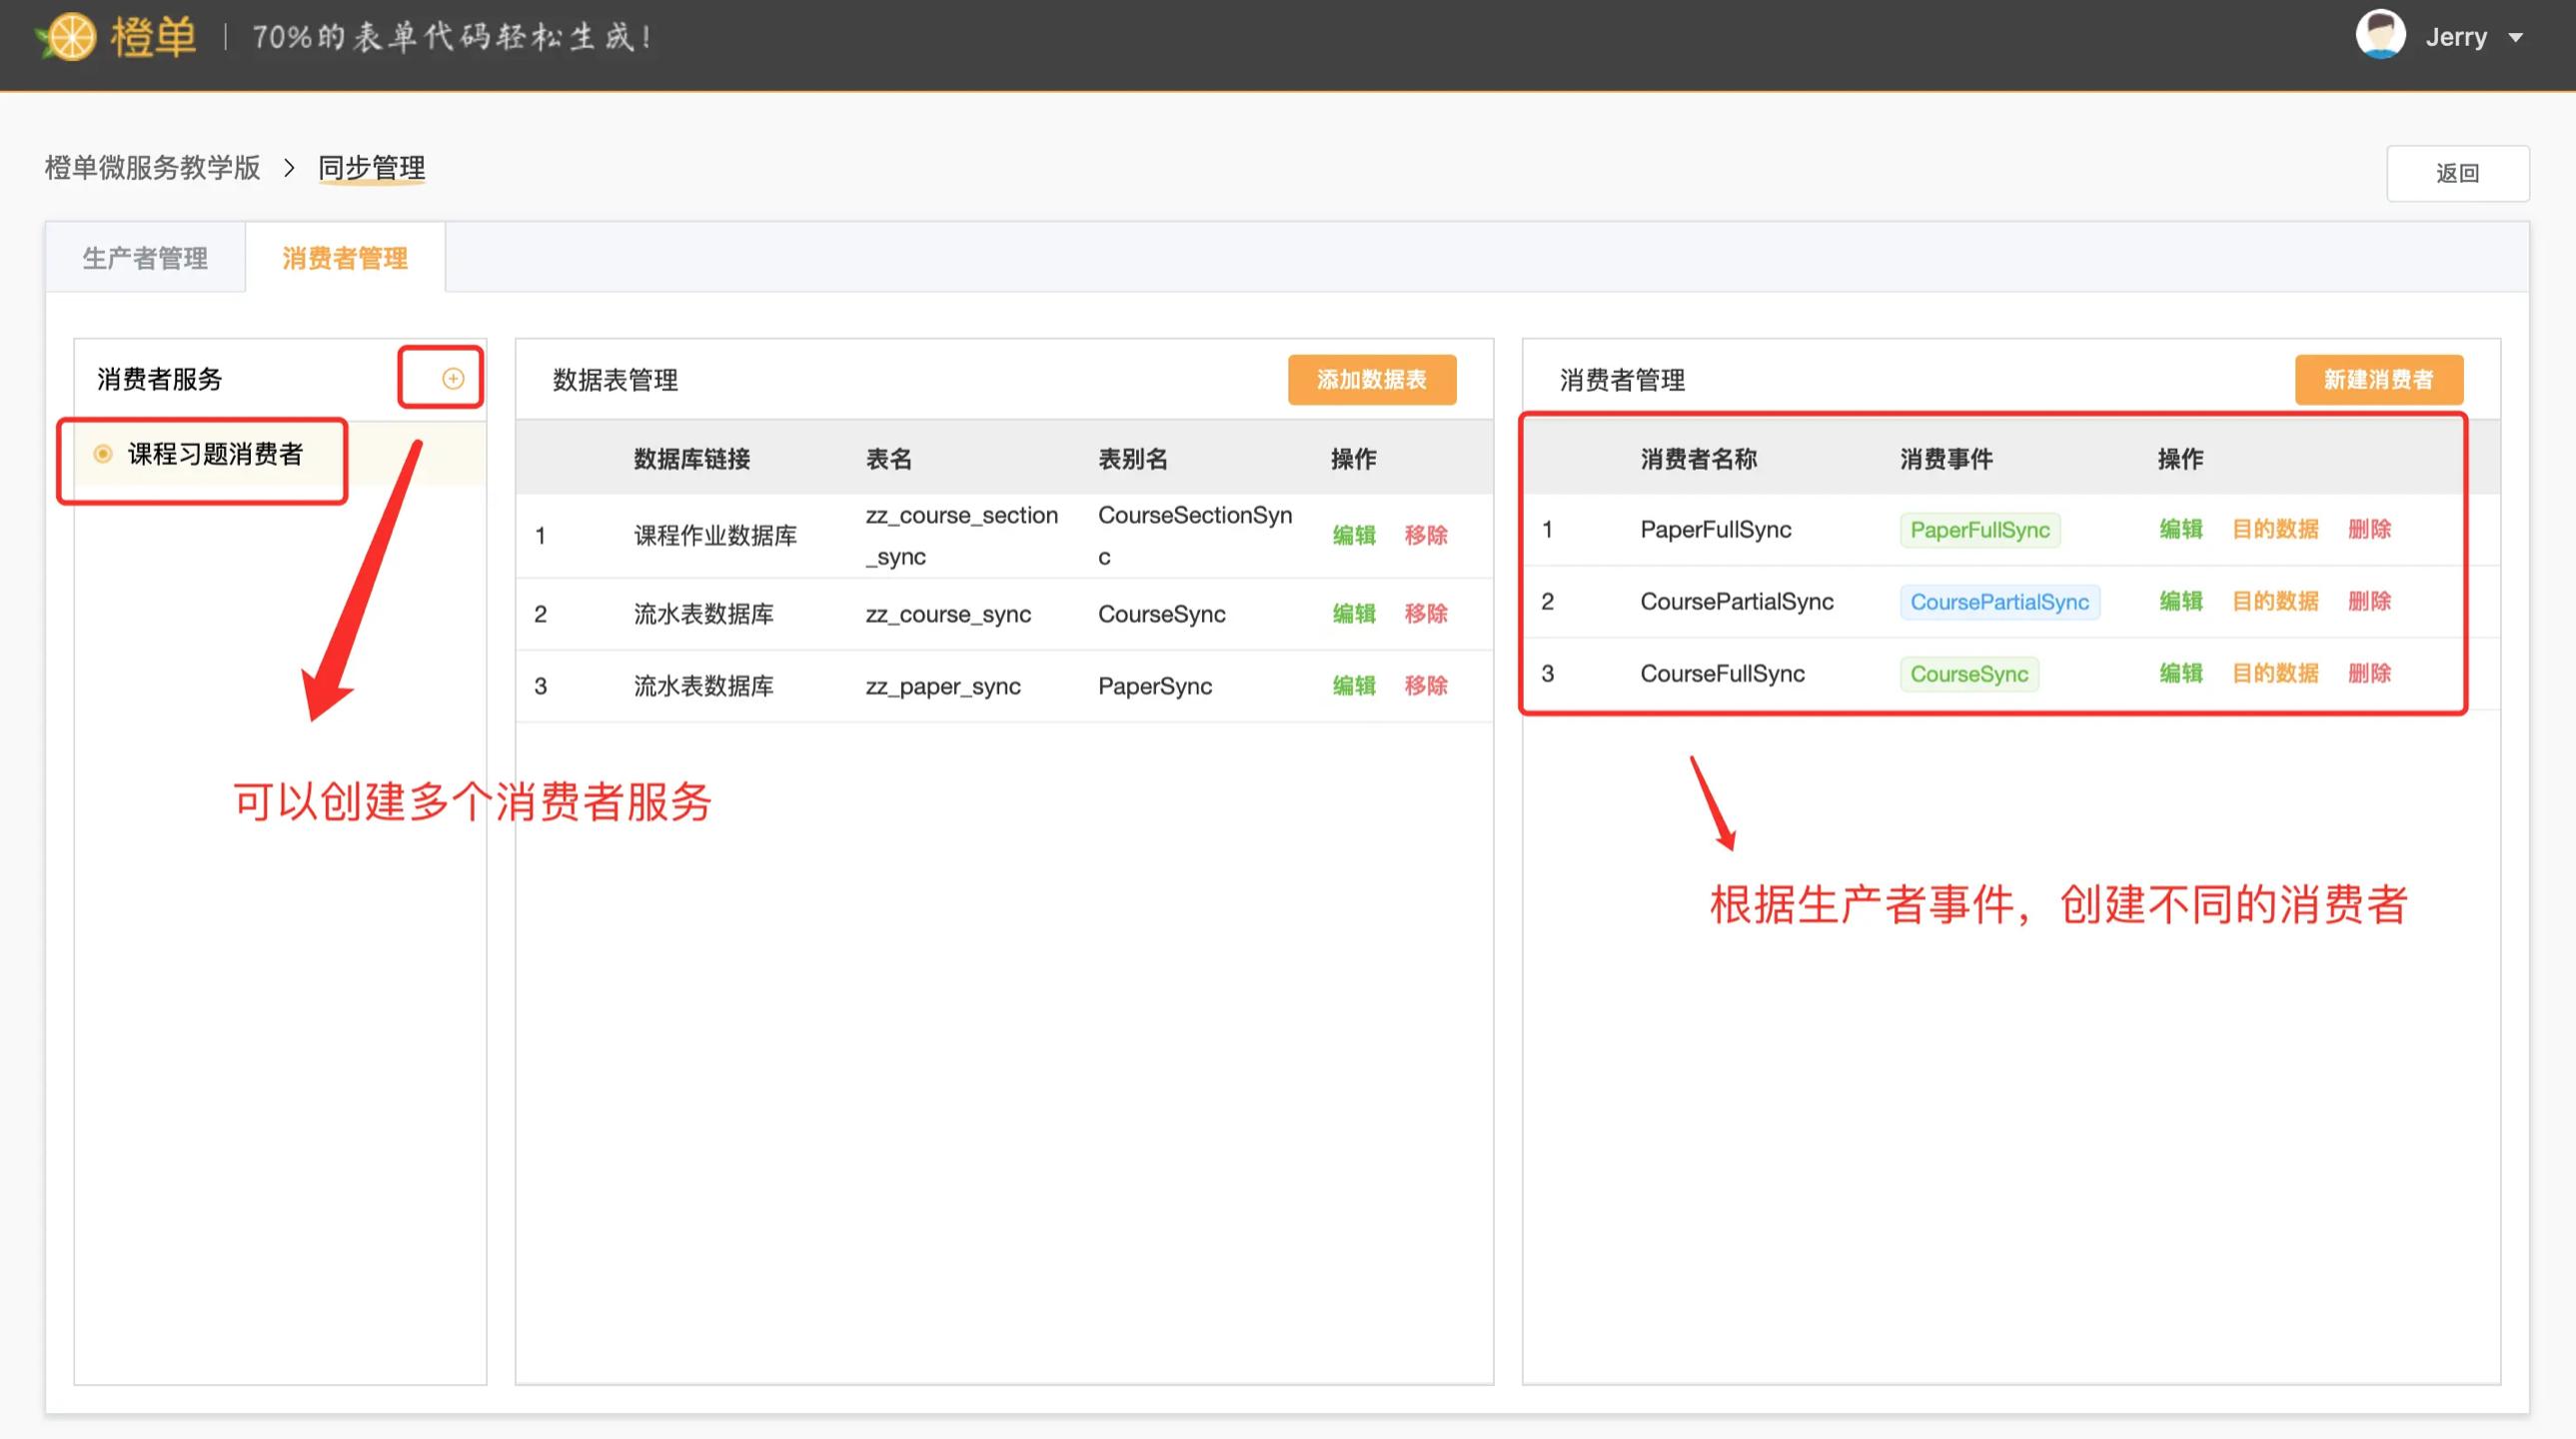 橙单中台化低代码生成器 v1.6 发布,可配置生成跨多库实时同步服务